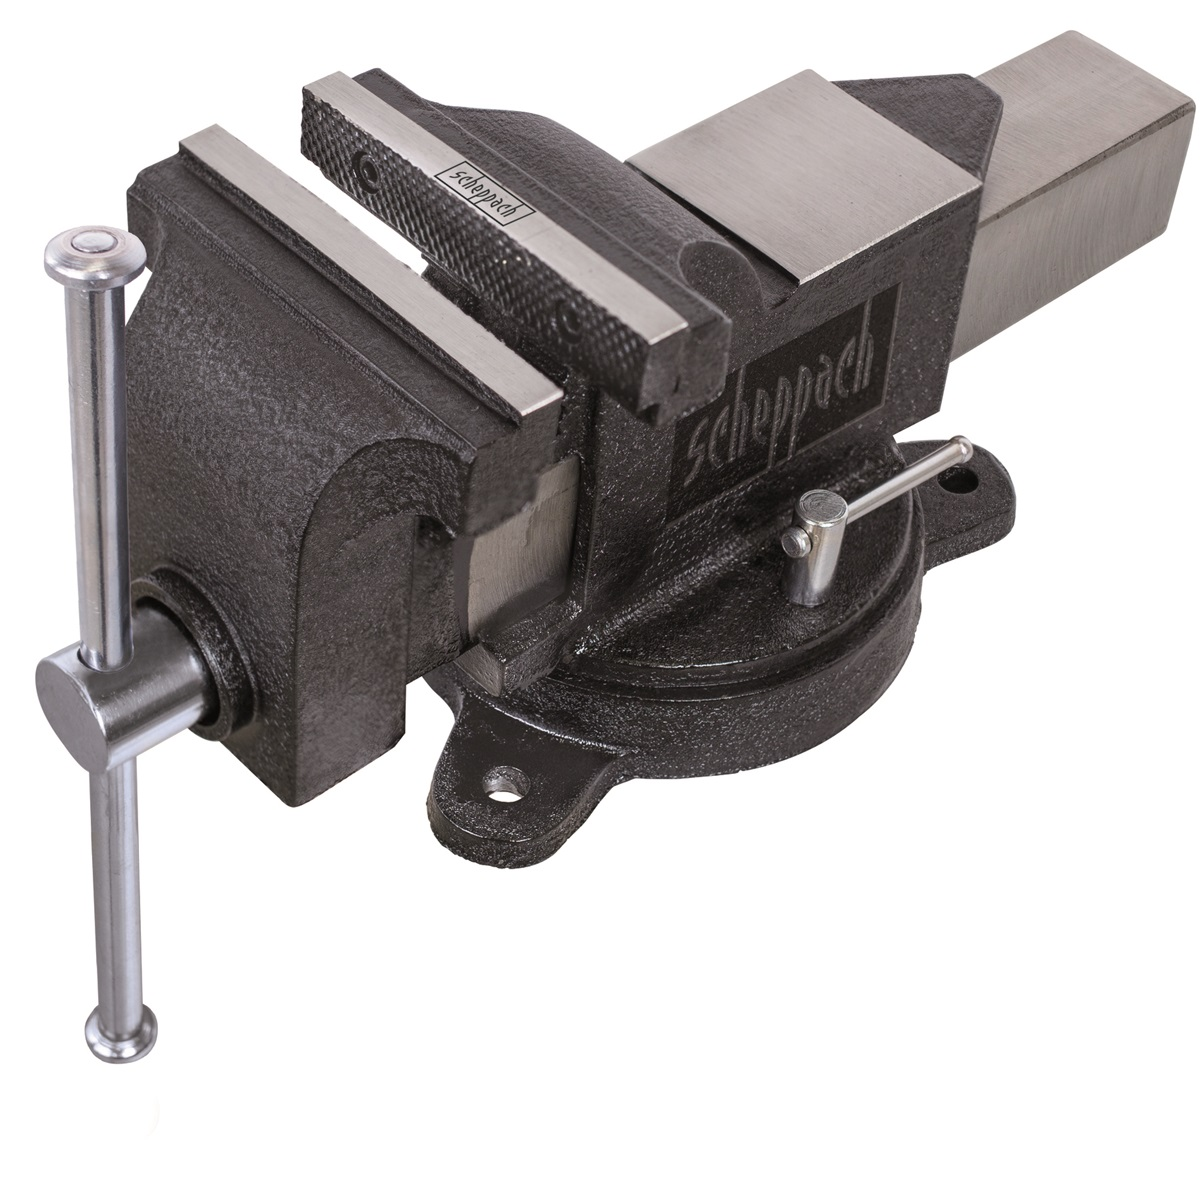 priemyselný zverák s otočnou doskou a kovadlinou 100 mm Scheppach V 100 P